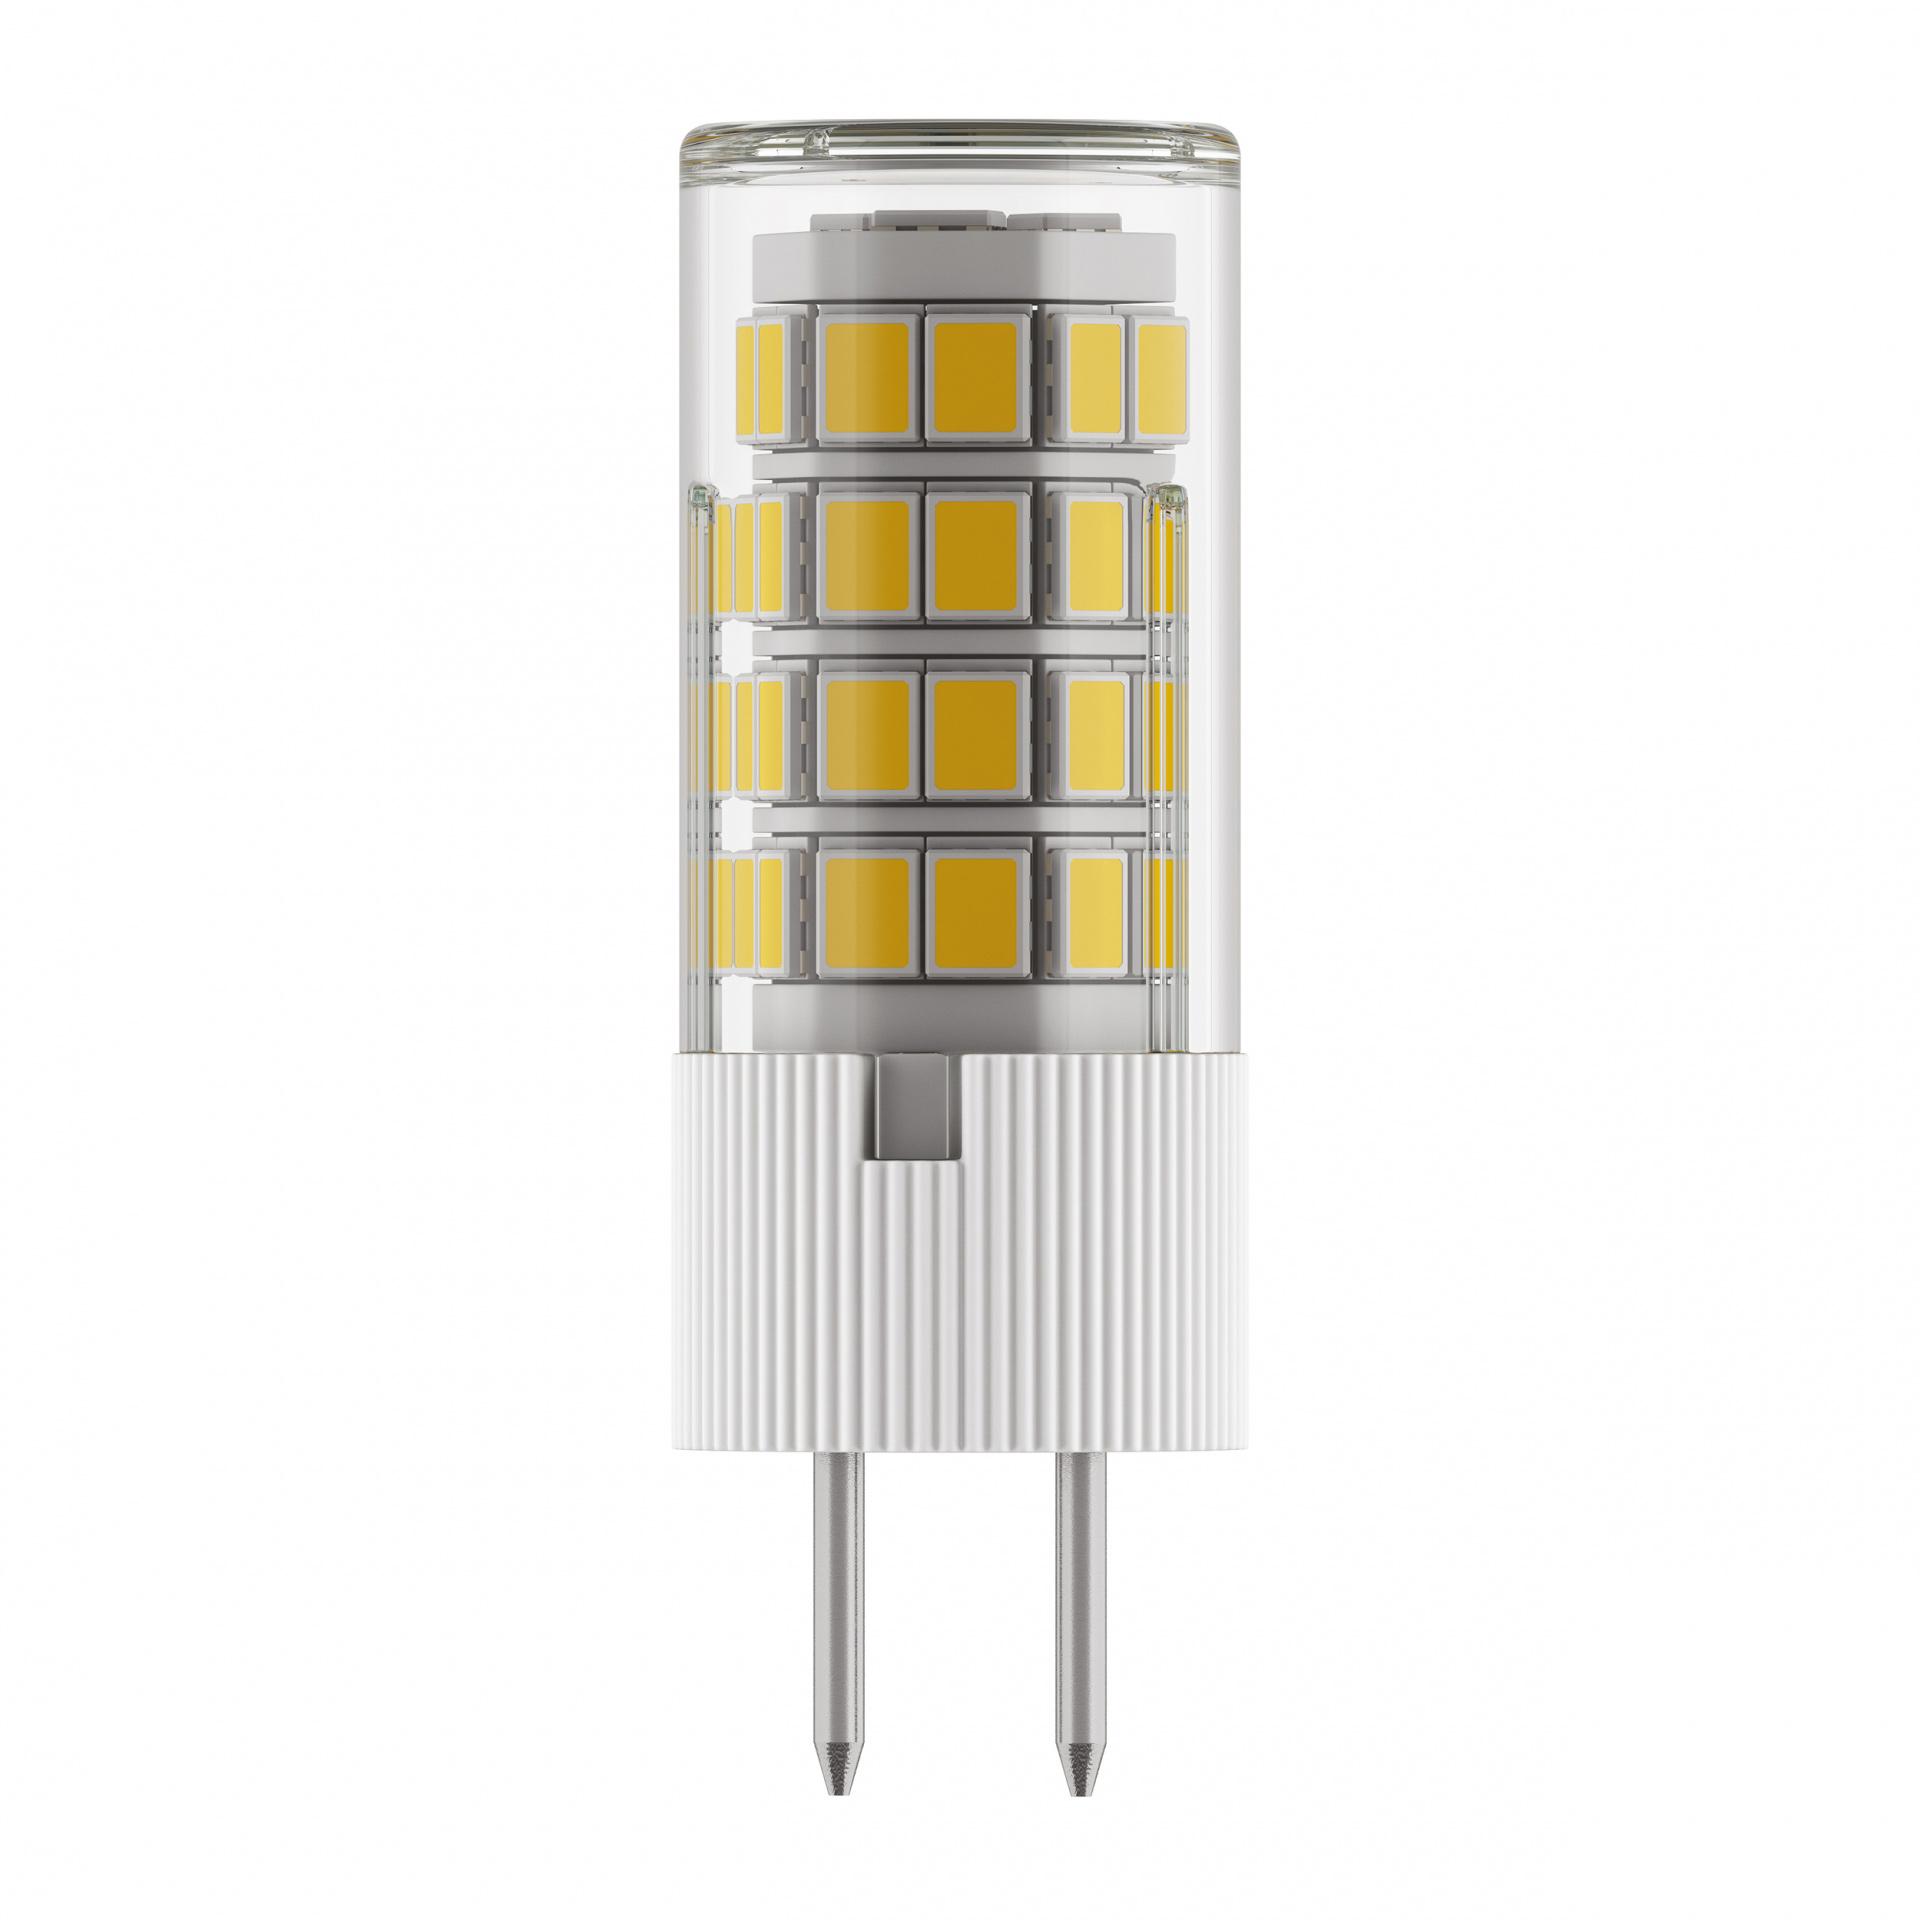 Лампа LED 220V Т20 G5.3 6W=60W 492LM 360G CL 4000K 20000H Lightstar 940434, купить в СПб, Москве, с доставкой, Санкт-Петербург, интернет-магазин люстр и светильников Starlight, фото в жизни